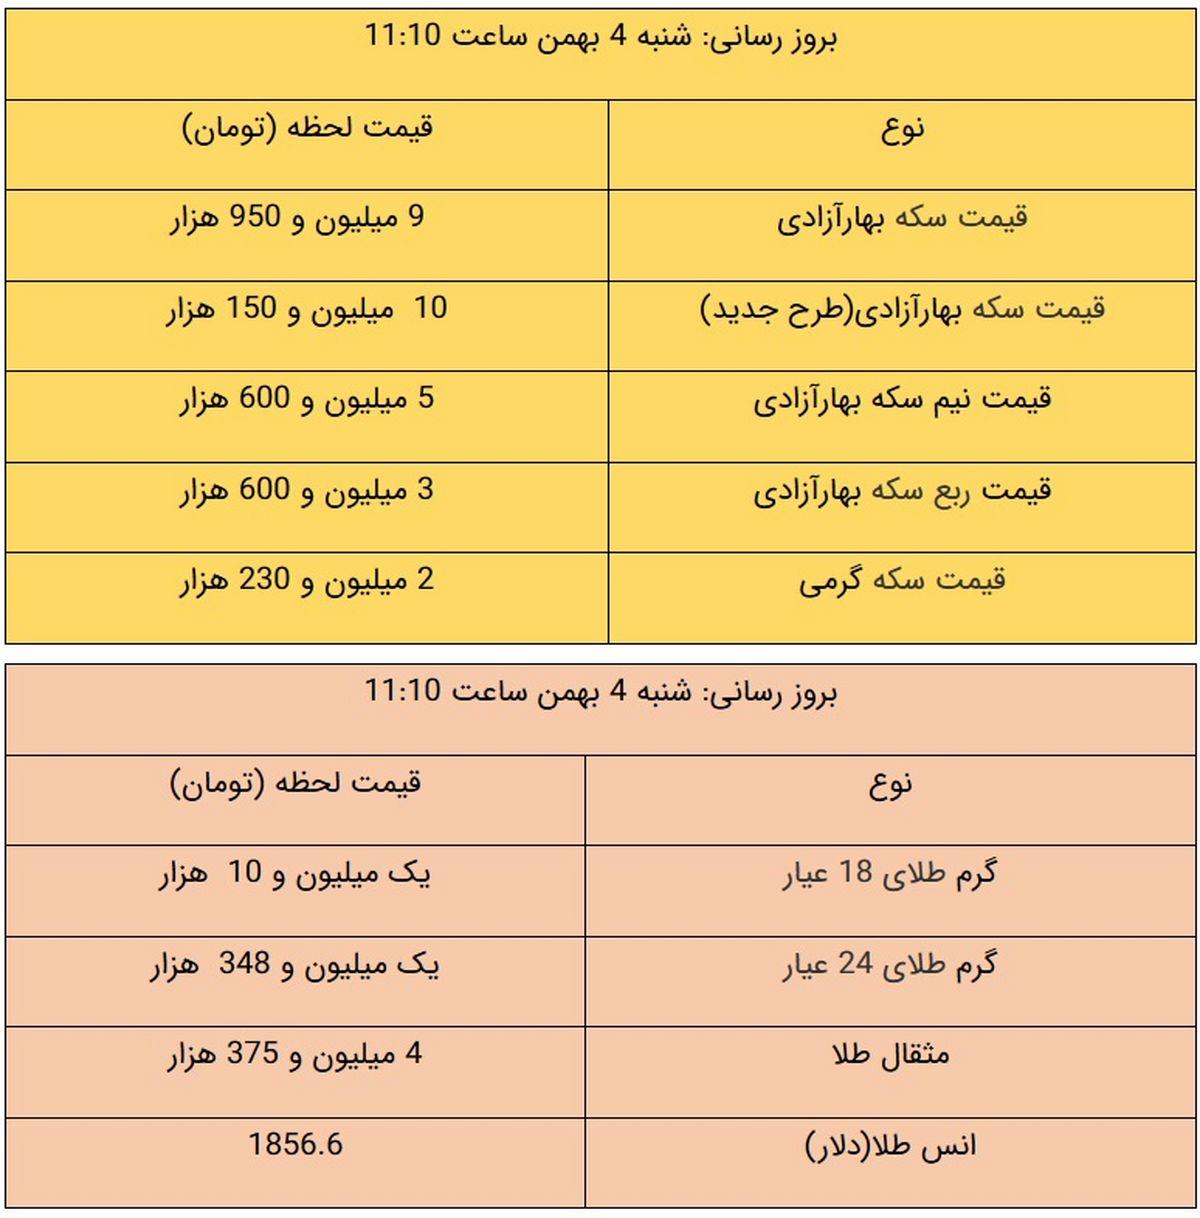 قیمت طلا و قیمت سکه، امروز ۴ بهمن ۹۹ + جدول